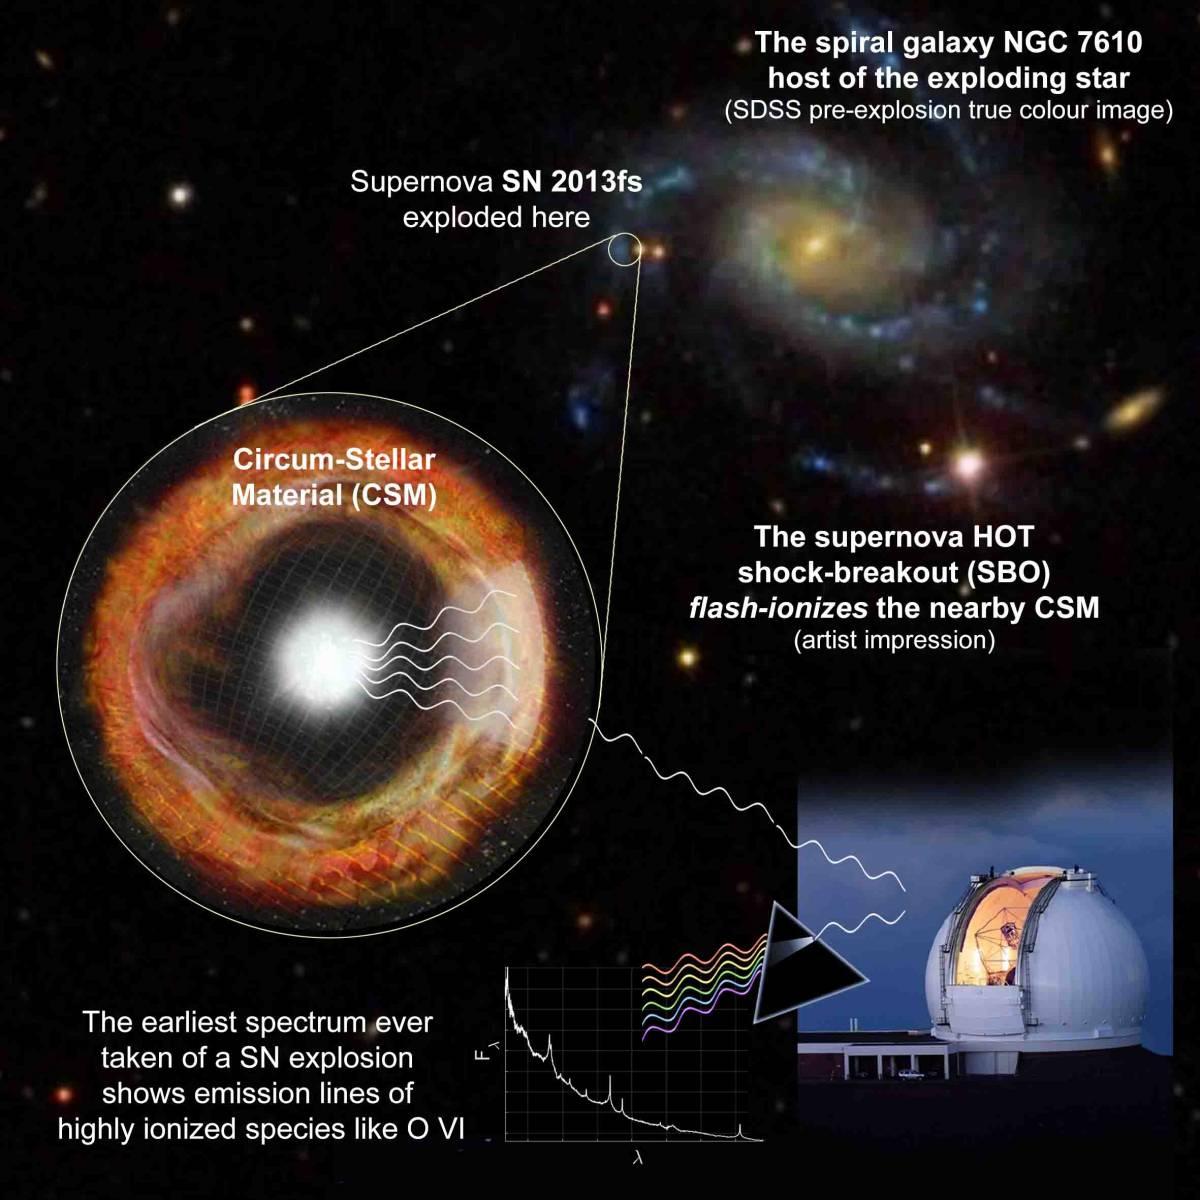 Una supernova di tipo II potrebbe dare segni della sua prossima esplosione qualche mese prima dell'evento catastrofico, liberando una ciambella di materiale nella fase di instabilità. La figura ne mostra la storia e il rilevamento attraverso linee dell'ossigeno. Fontet: Weizmann Institute of Science